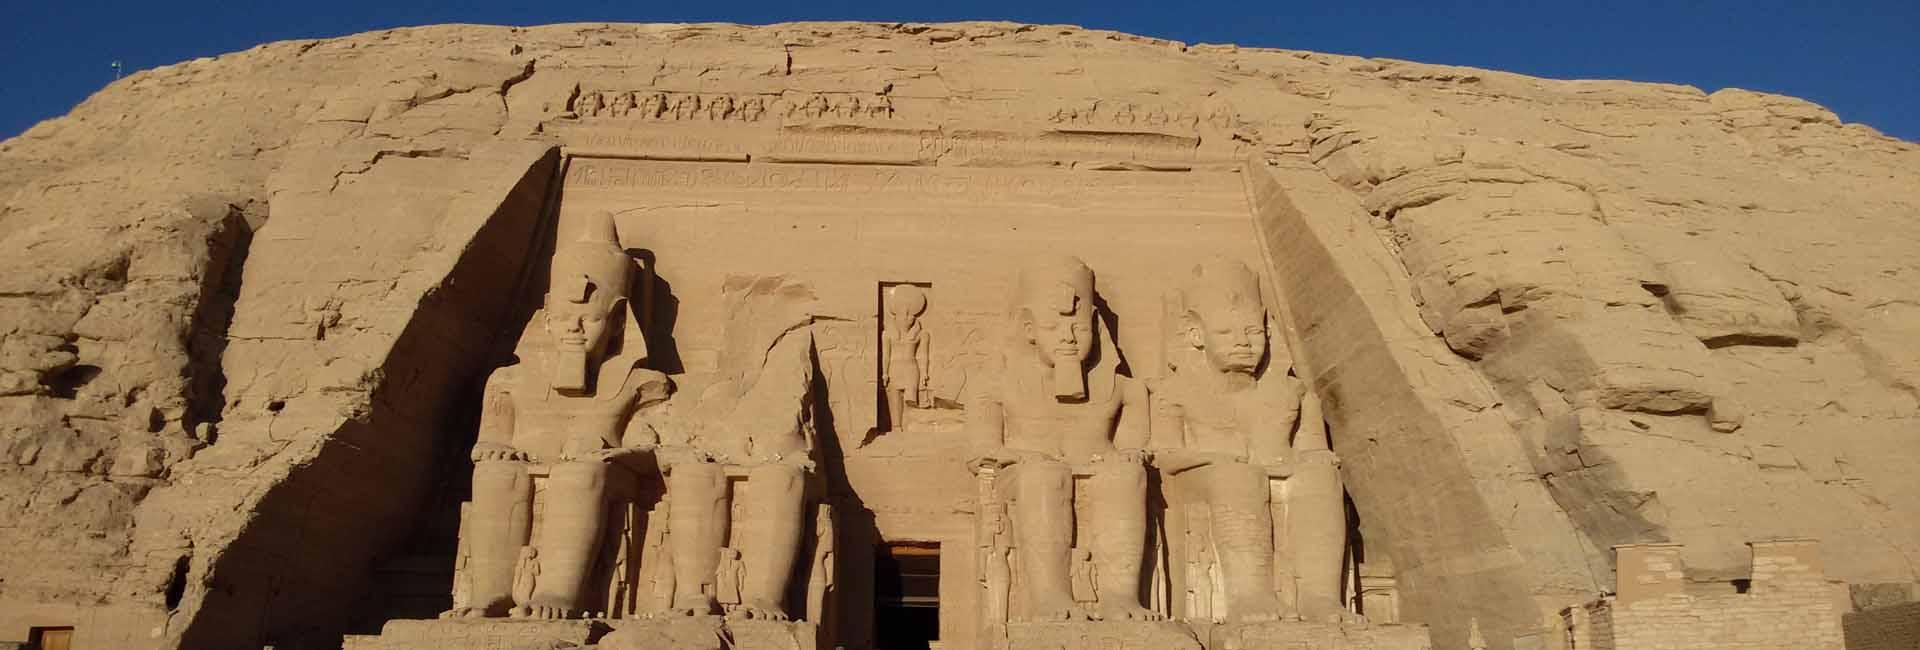 Aswan and Abu Simbel Tour